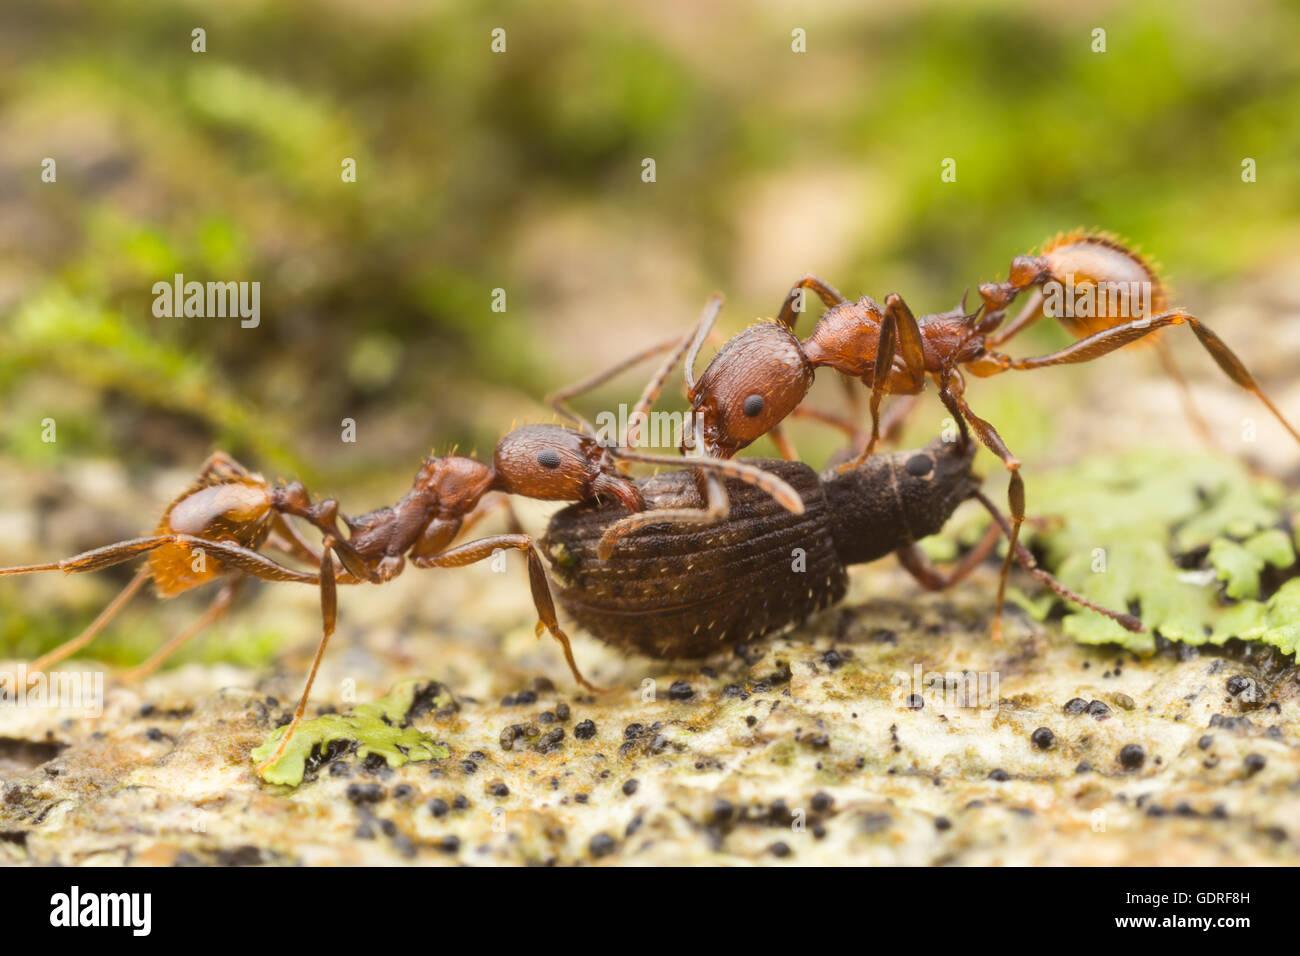 Dorso-cintata Ant (Aphaenogaster fulva) lavoratori portano fagocitato cibo e tornare al loro nido . Immagini Stock